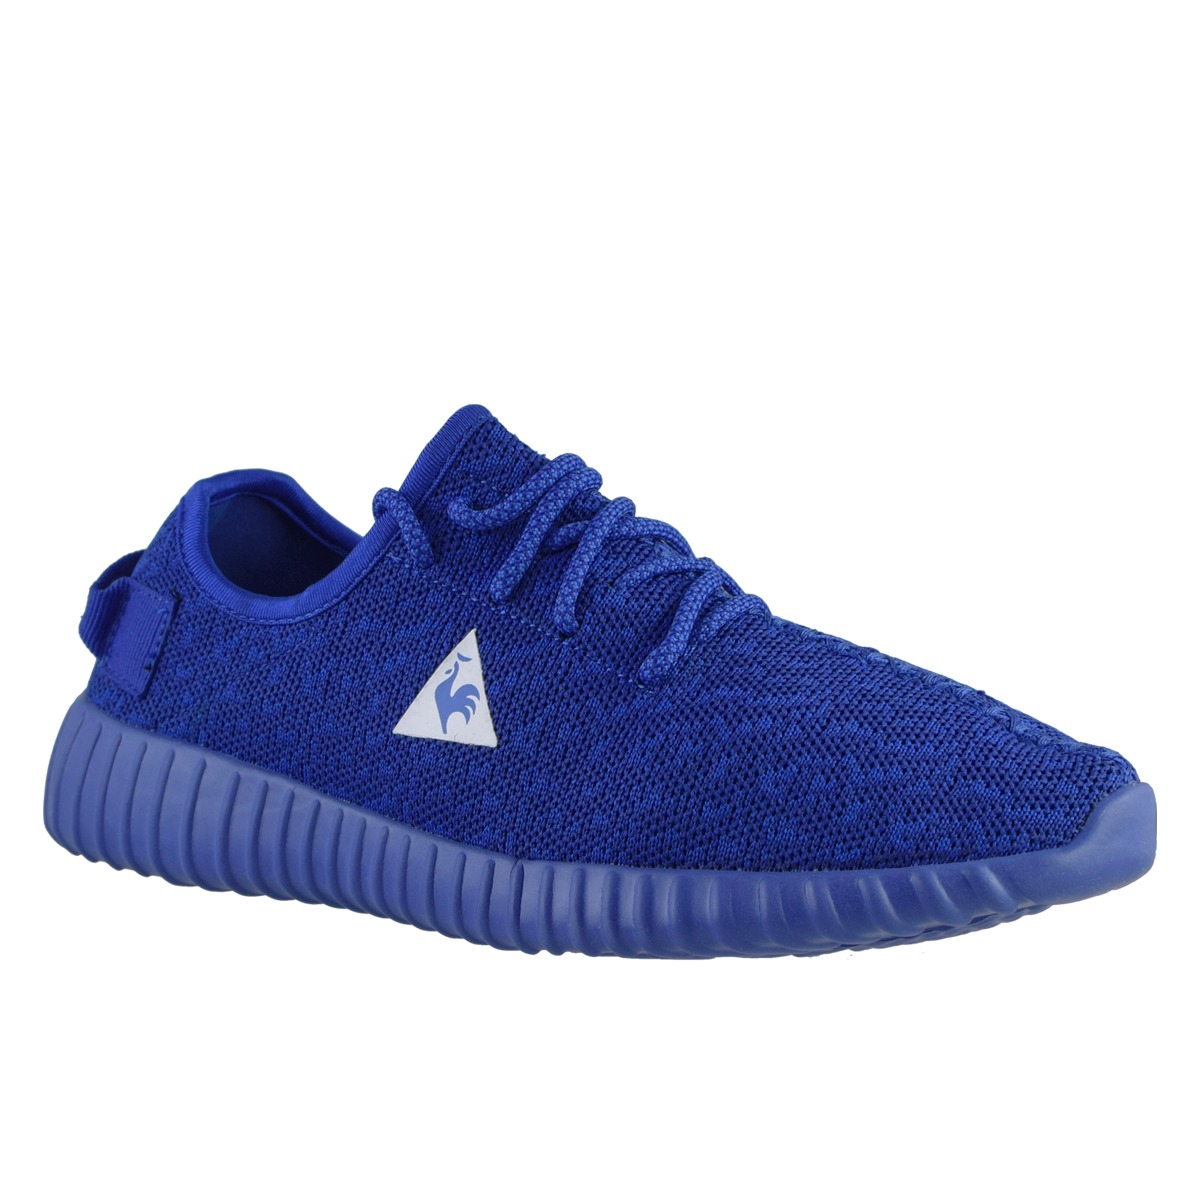 0ca1a94510725 zapatillas le coq sportif bourges hombre azul. Cargando zoom.